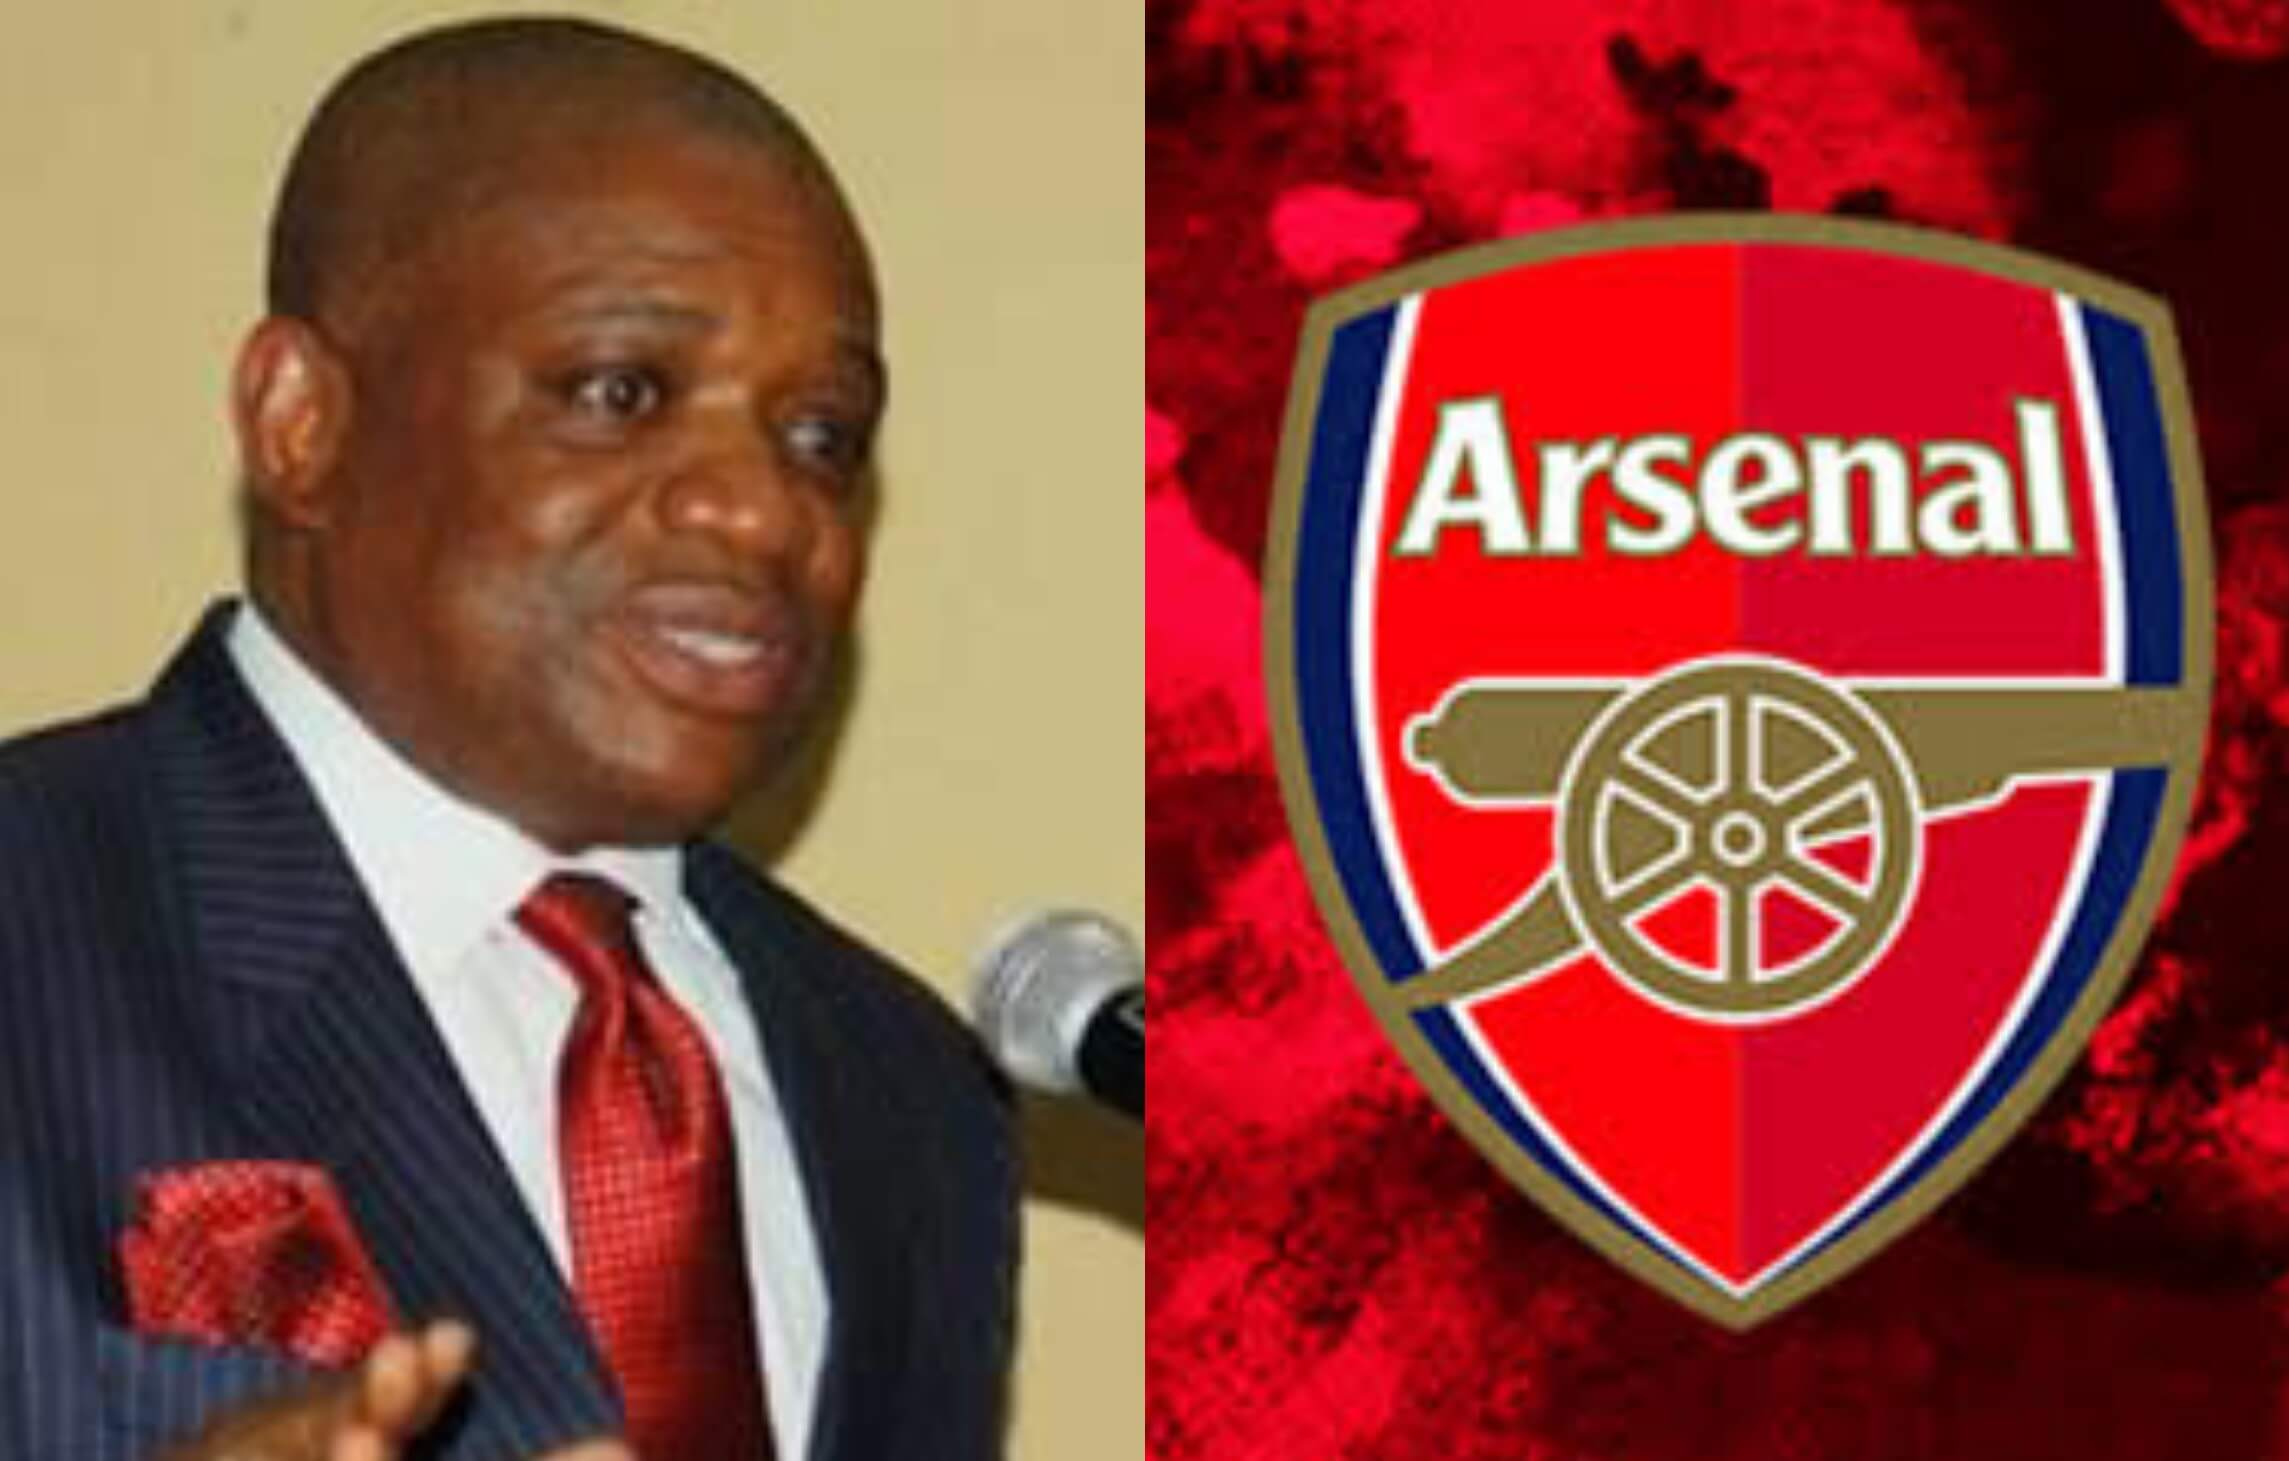 Orji Uzor Kalu To Buy Arsenal FC, Stakes 35%